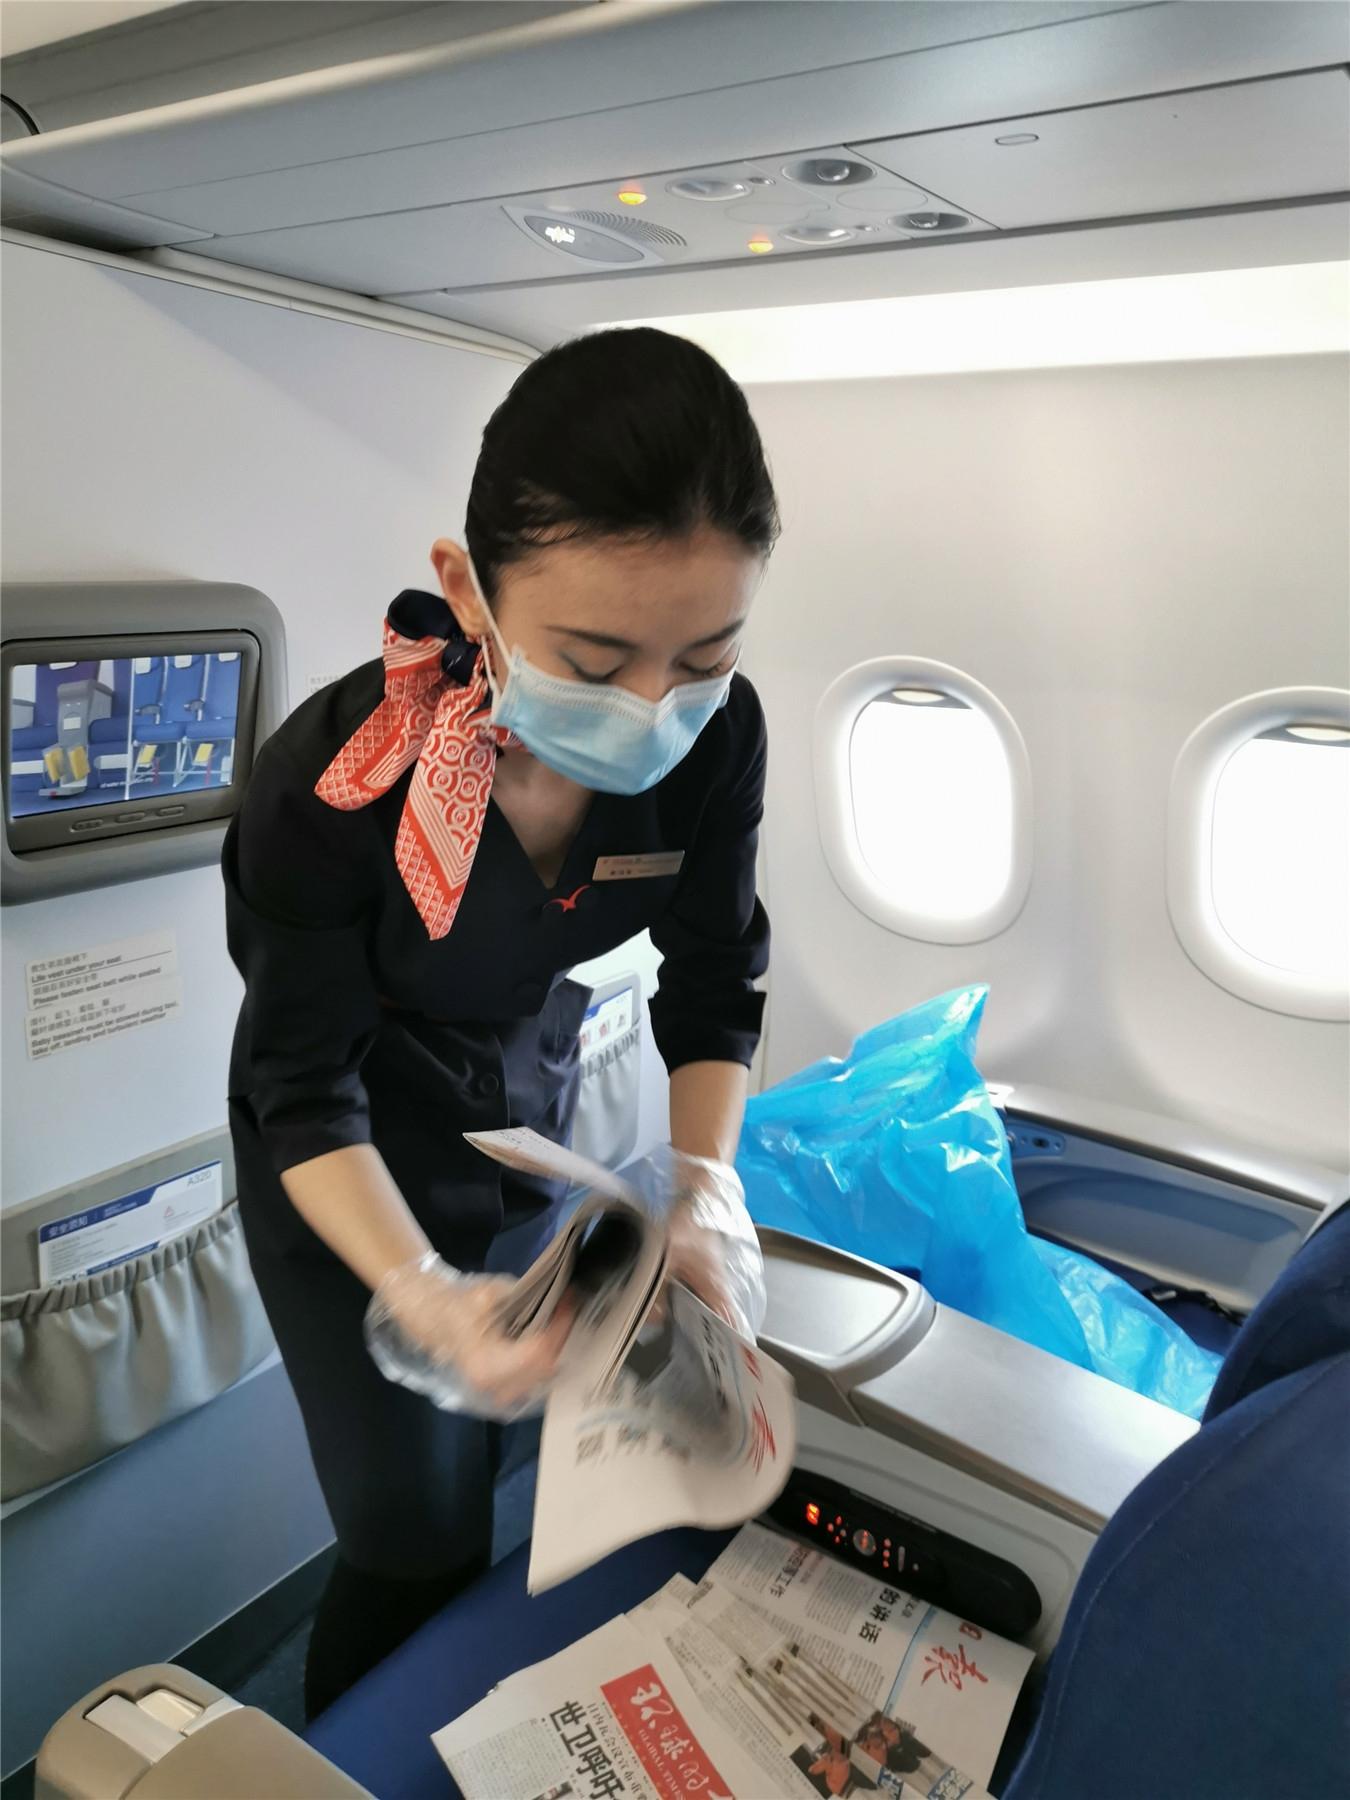 妹妹刘霖萱在航班上工作